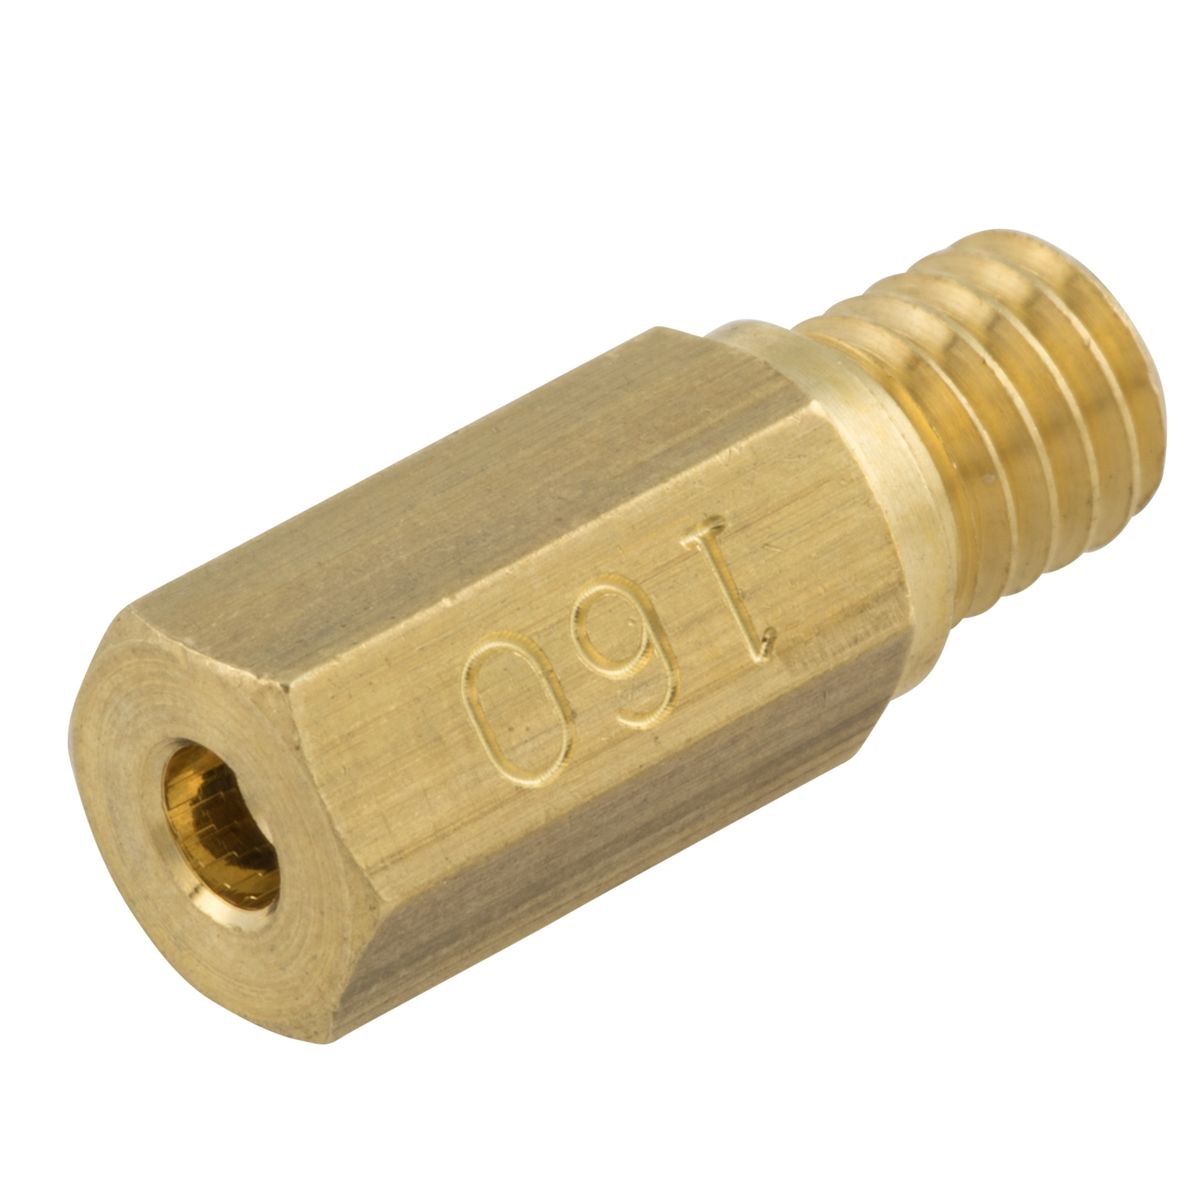 Productafbeelding voor 'Sproeier KMT 128 Ø 6 mmTitle'